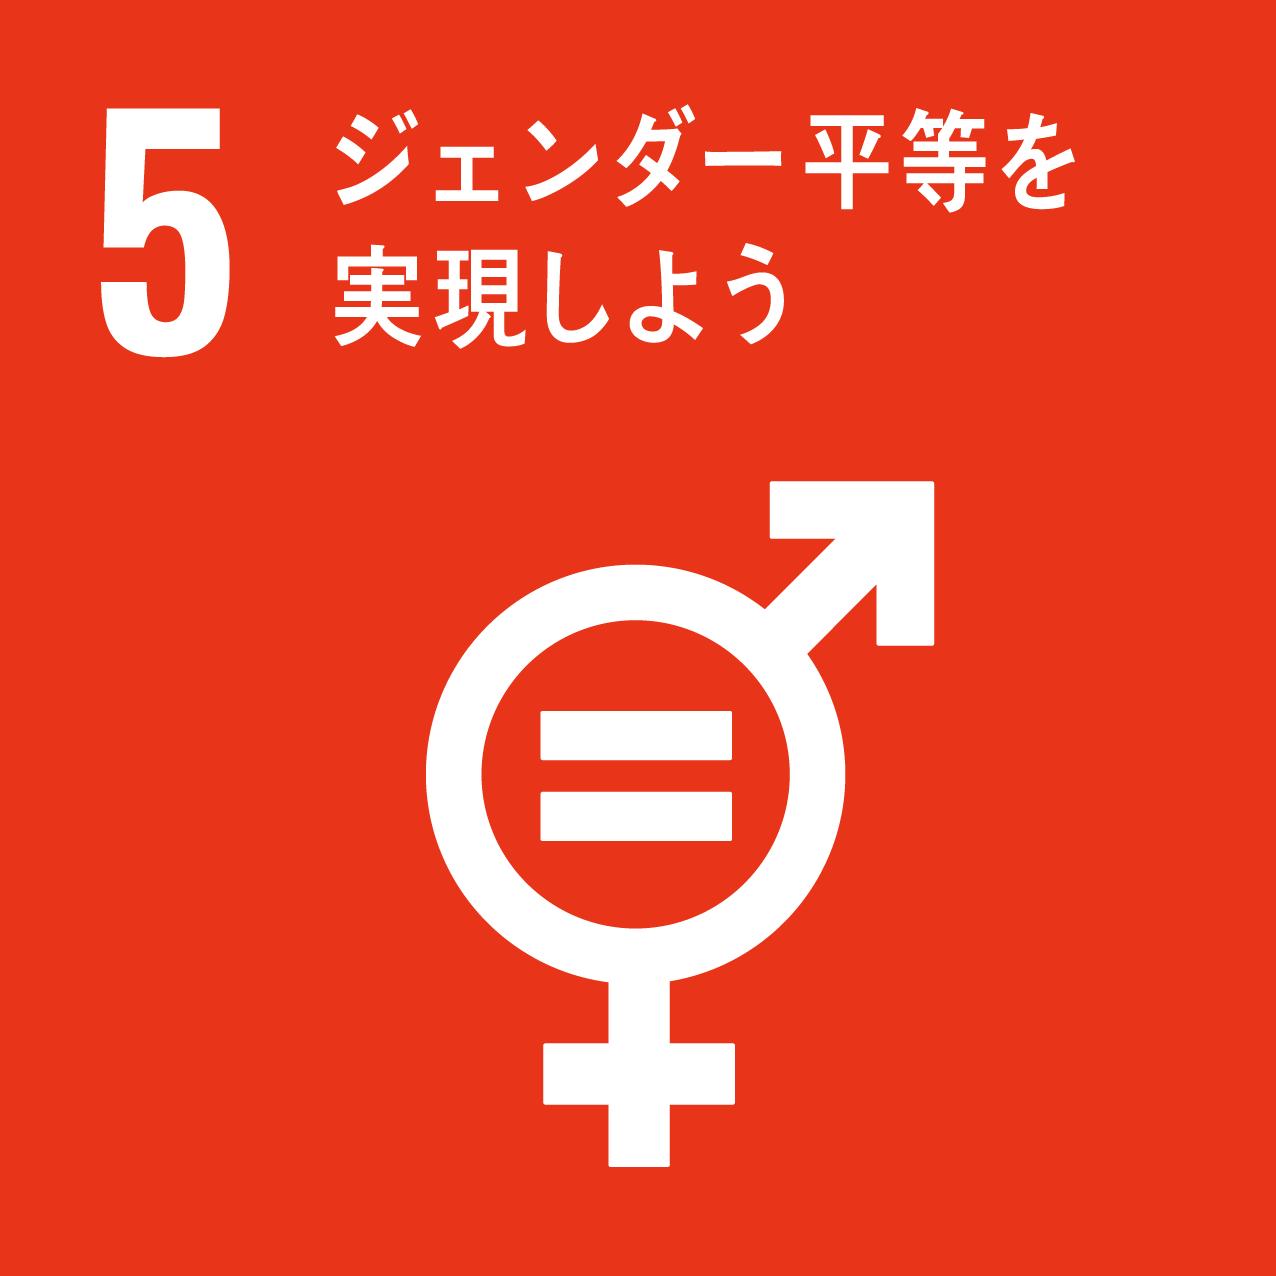 Goal5 ジェンダー平等を実現しよう